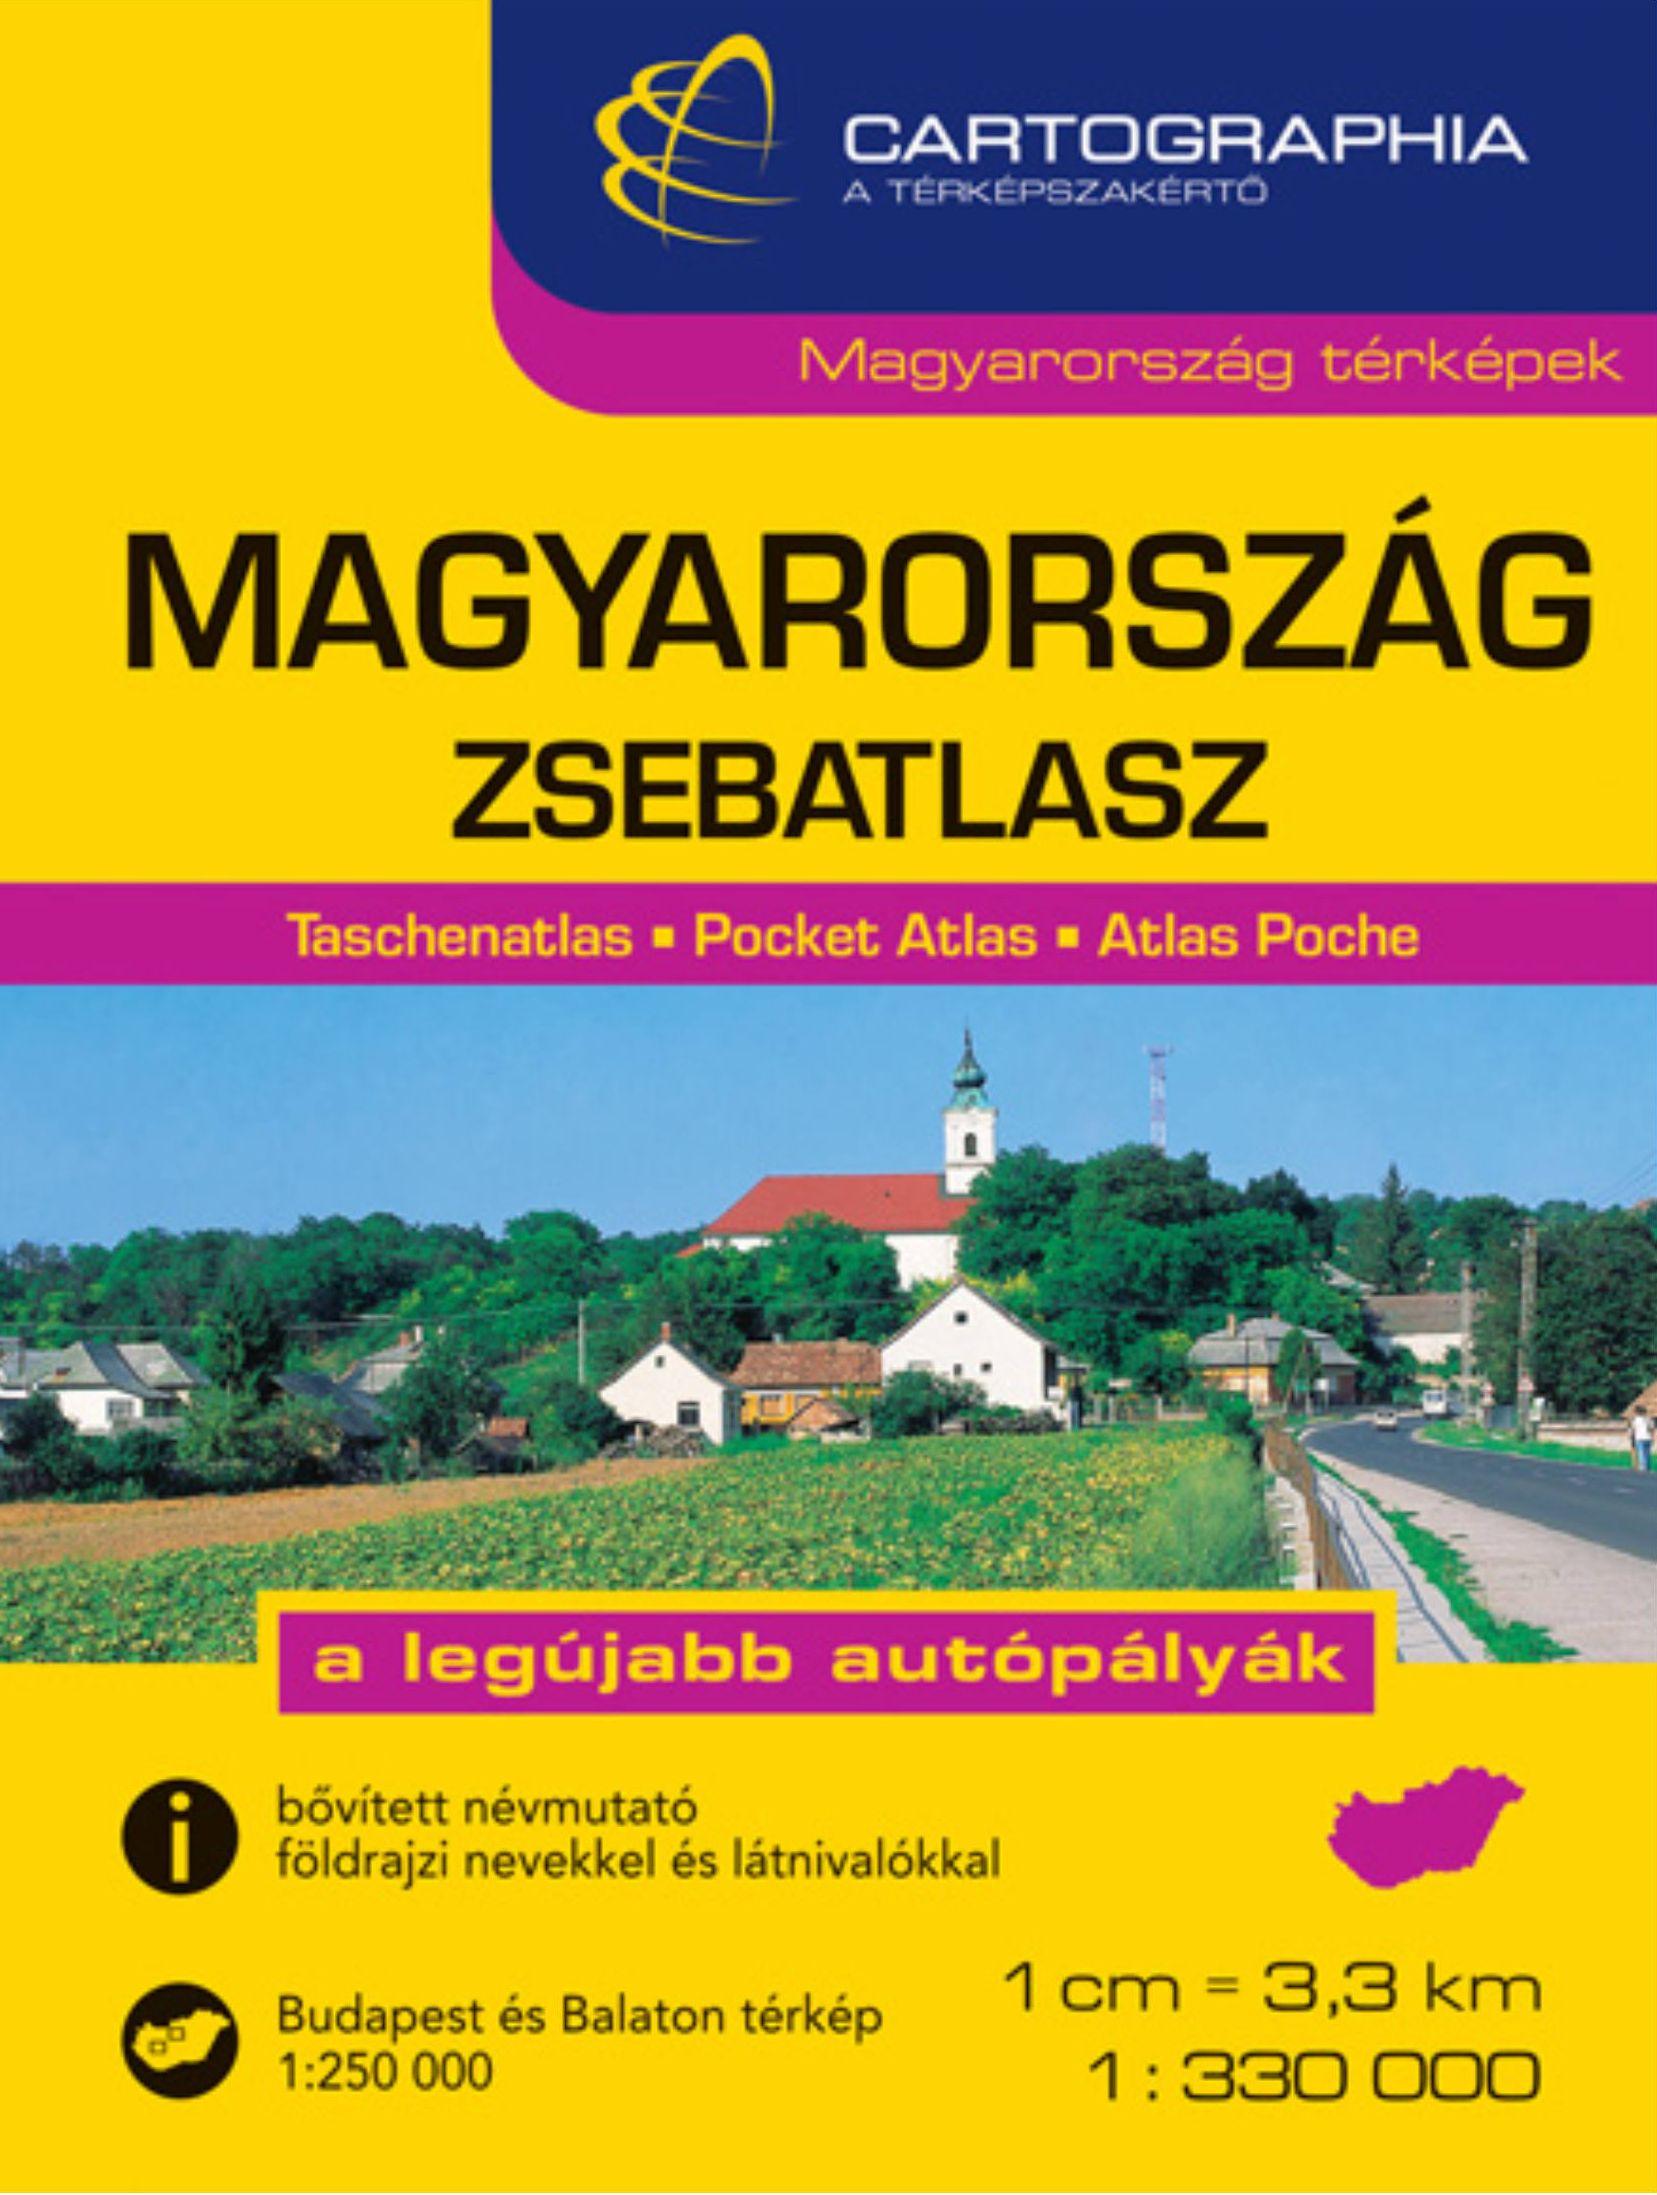 Magyarország zsebatlasza (Cartographia) település- és nevezetességjegyzékkel